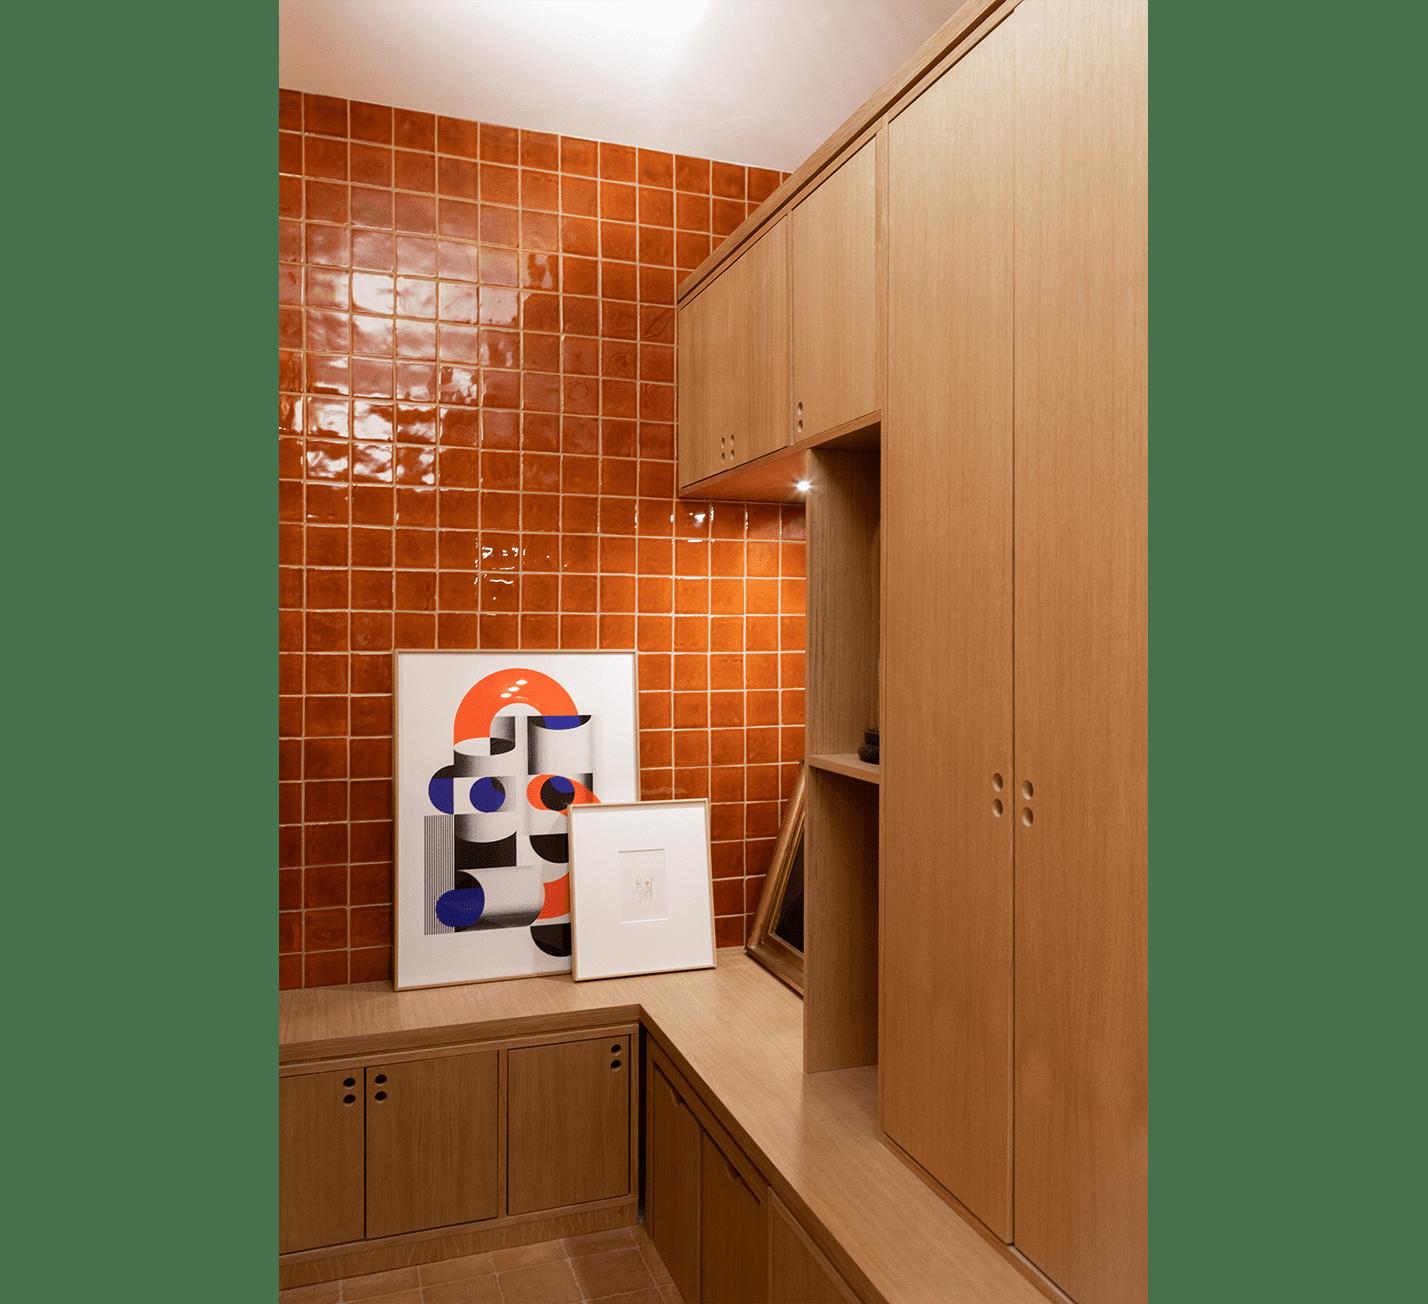 Appartement-Pantin-paris-rénovation-architecture-paris-construction-atelier-steve-pauline-borgia-21